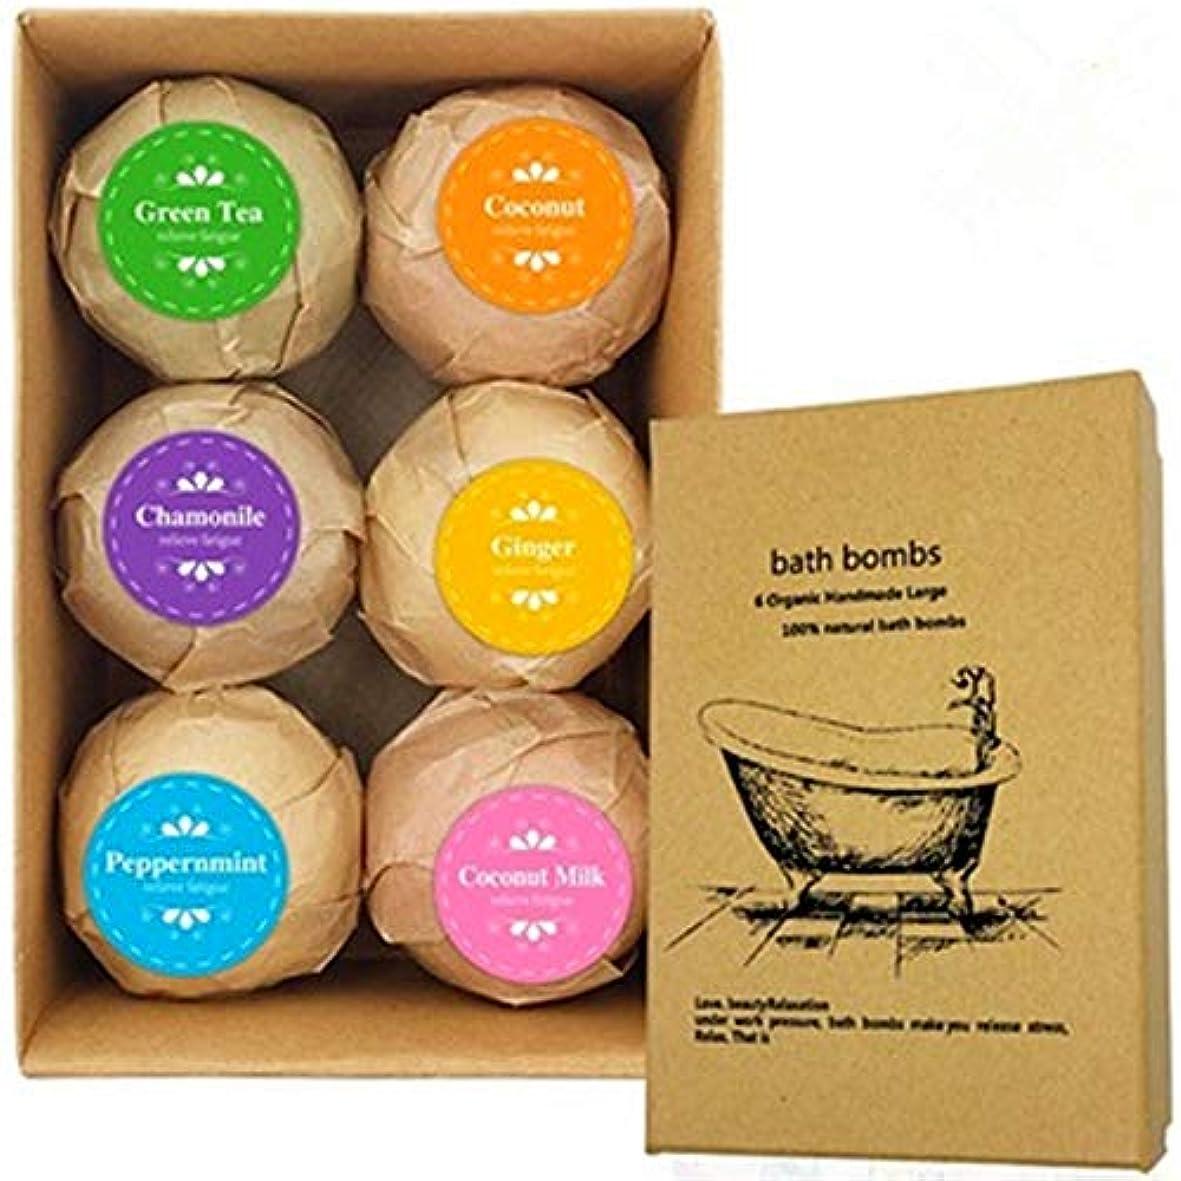 マオリ学習調整バスボム 入浴剤 炭酸 バスボール 6つの香り 手作り 入浴料 うるおいプラス お風呂用 入浴剤 ギフトセット6枚 贈り物 プレゼント最適